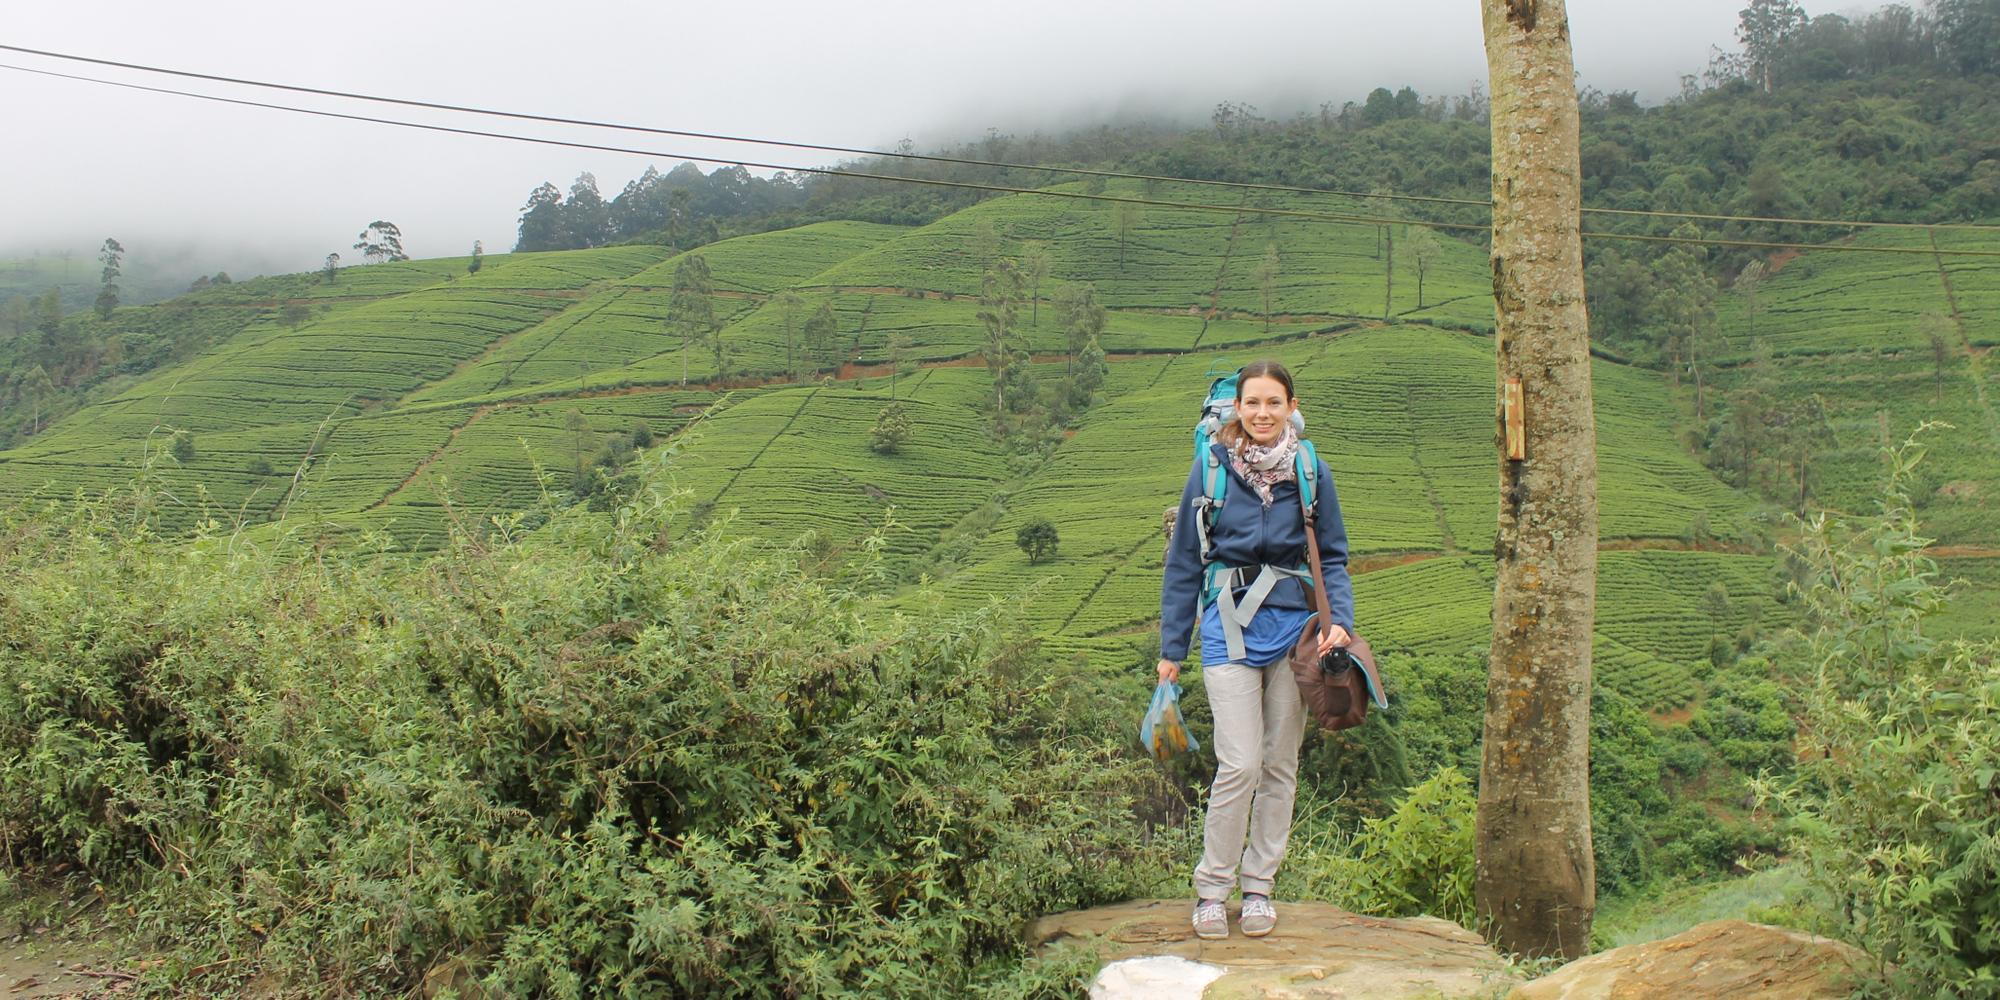 Urlaub auf Entzug: 3 Wochen ohne Smartphone